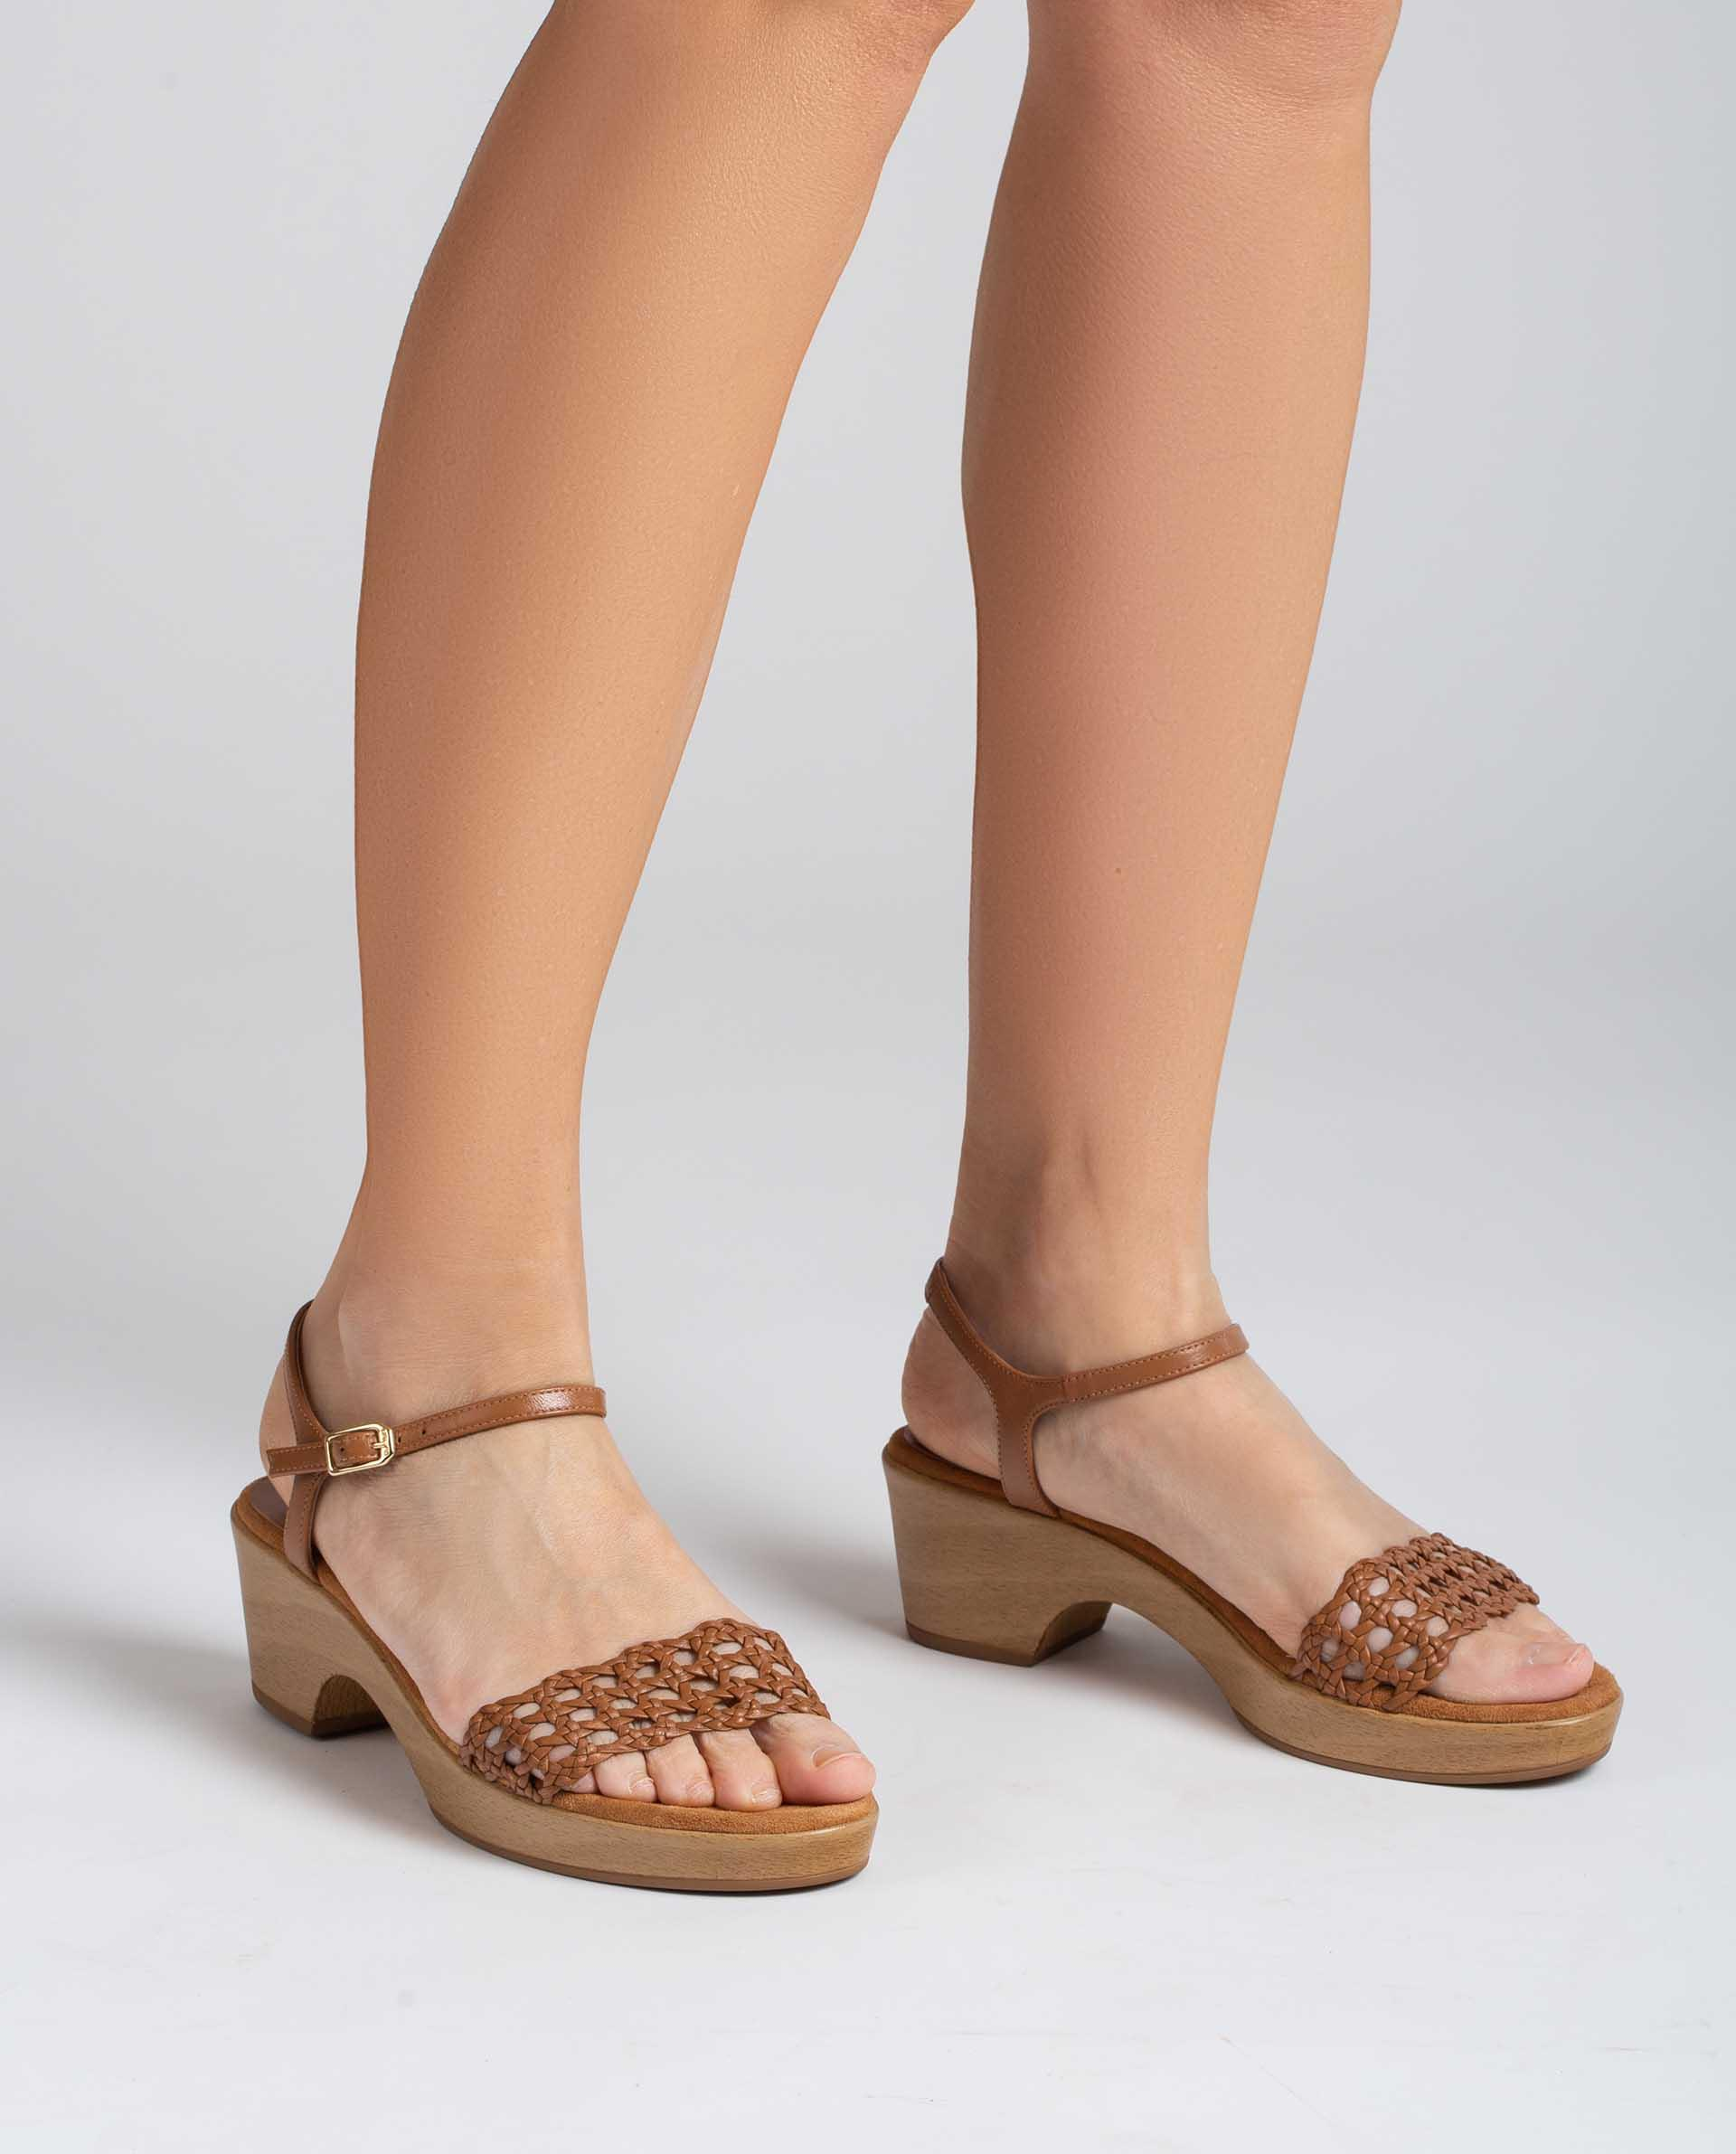 Unisa Sandals ILOBI_21_NA bisquit